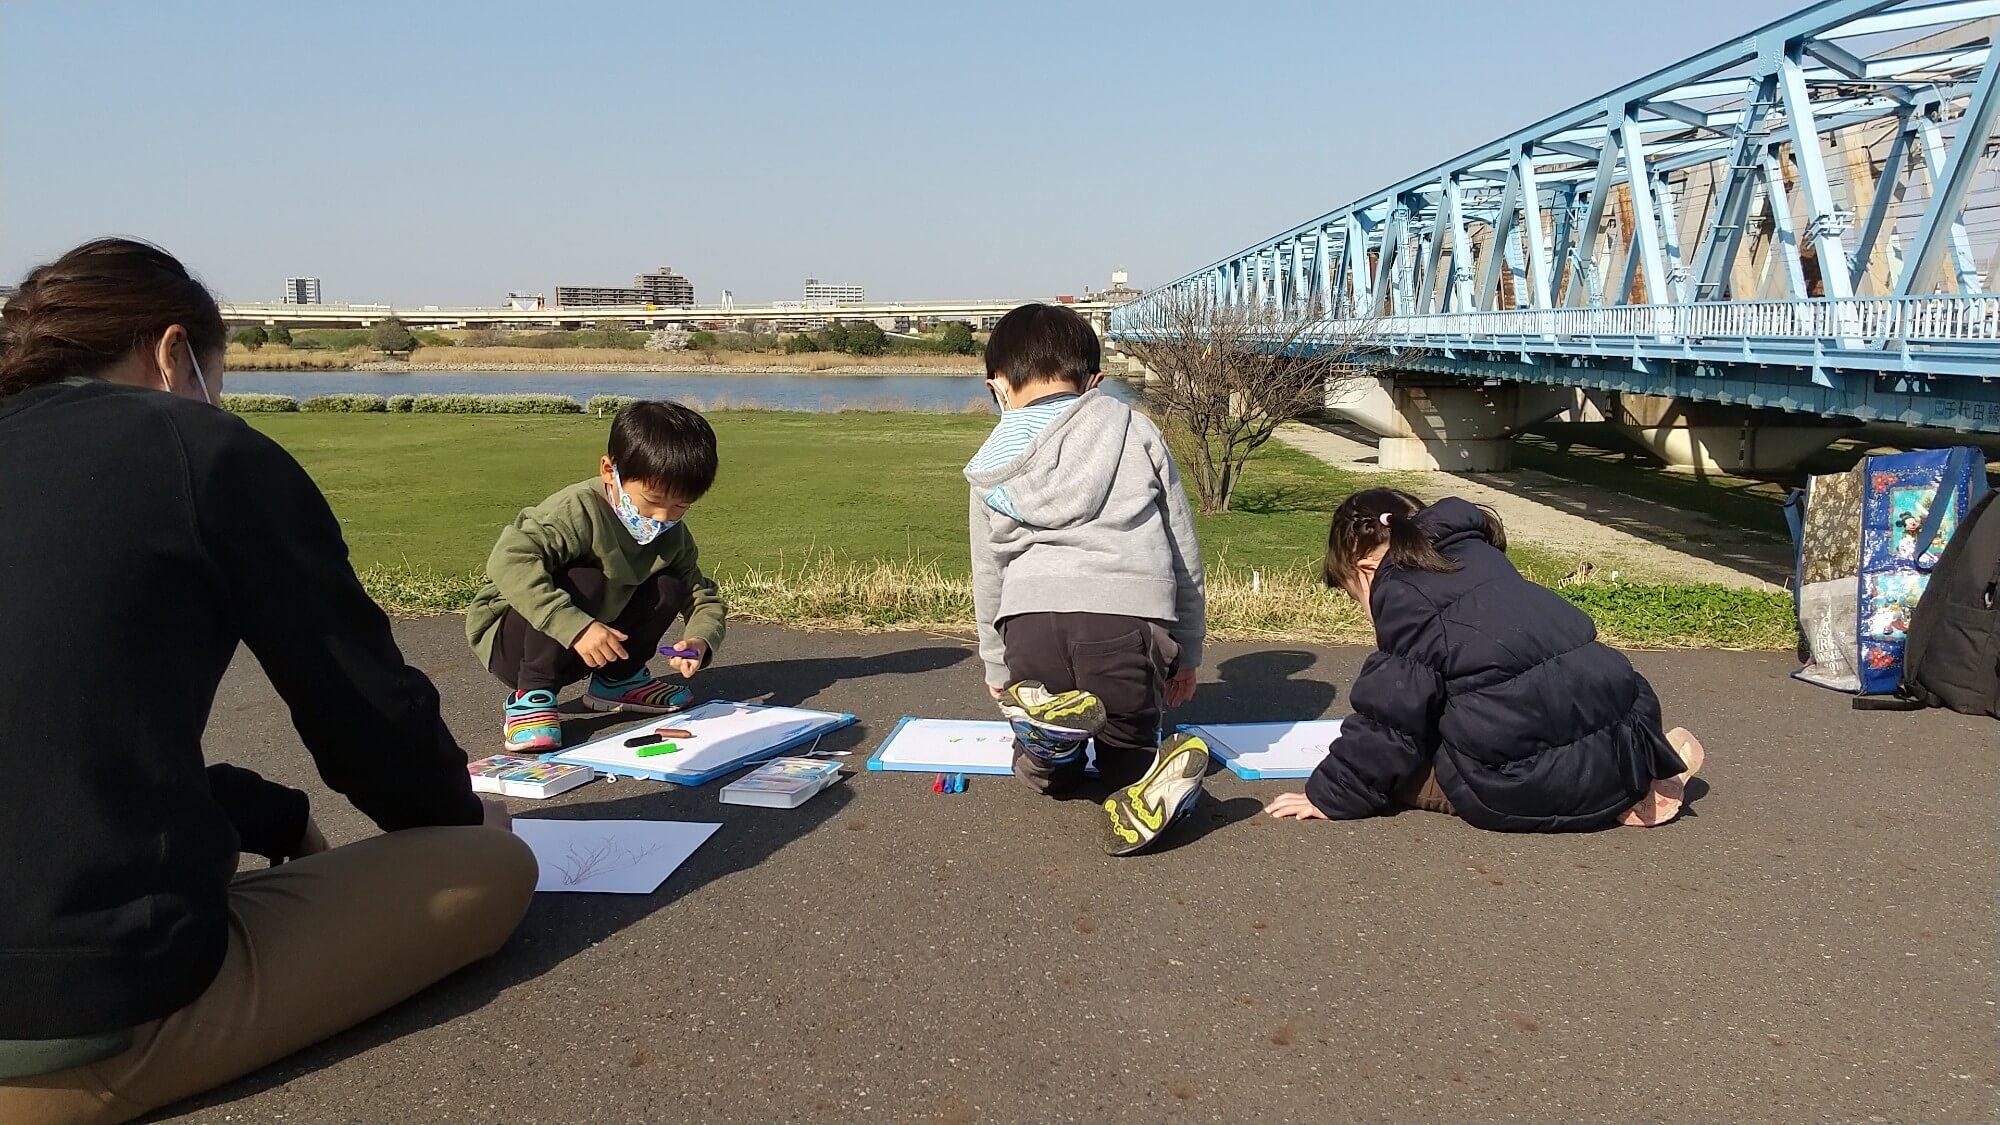 土手で絵を描く子どもたち